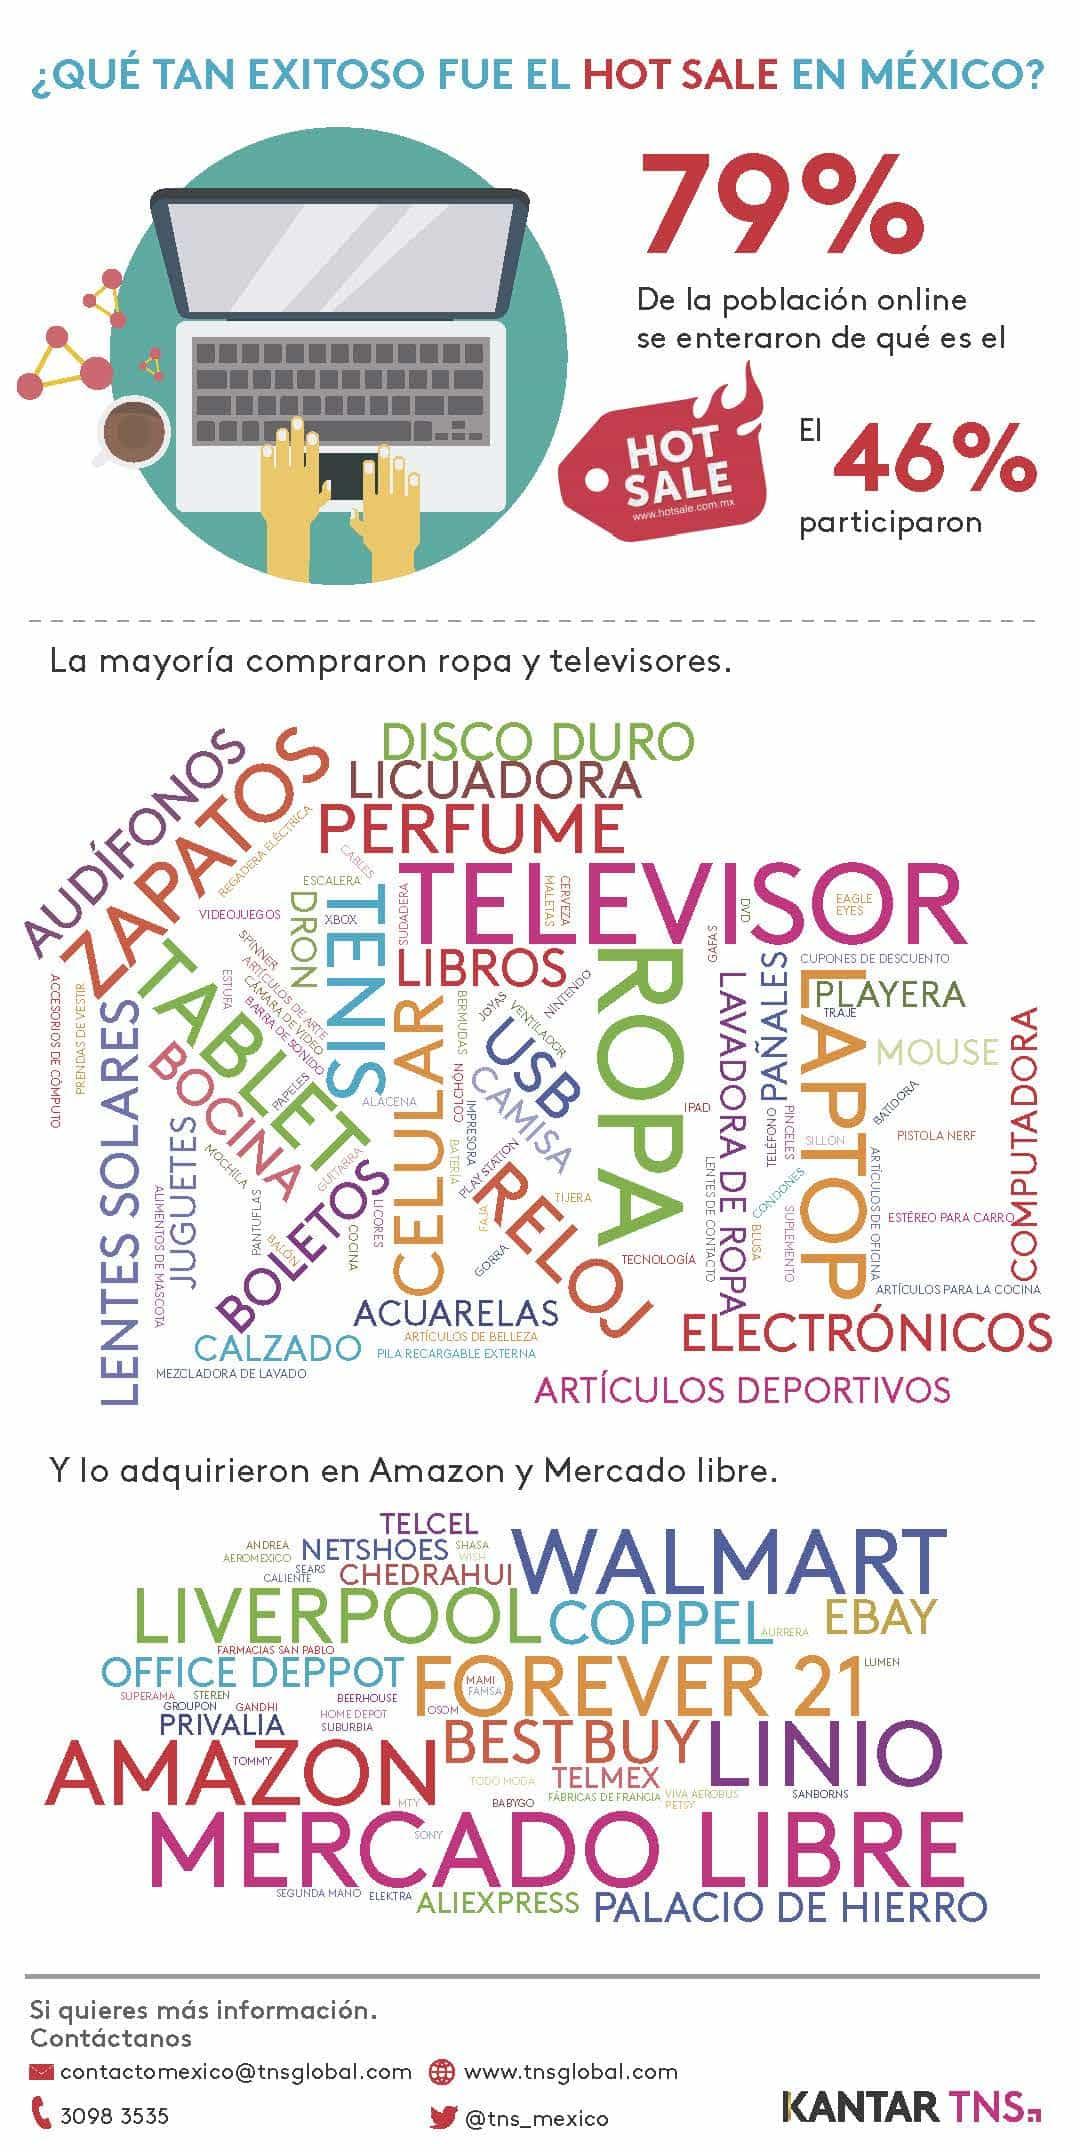 Estos fueron los resultados de la Hot Sale 2017 en México